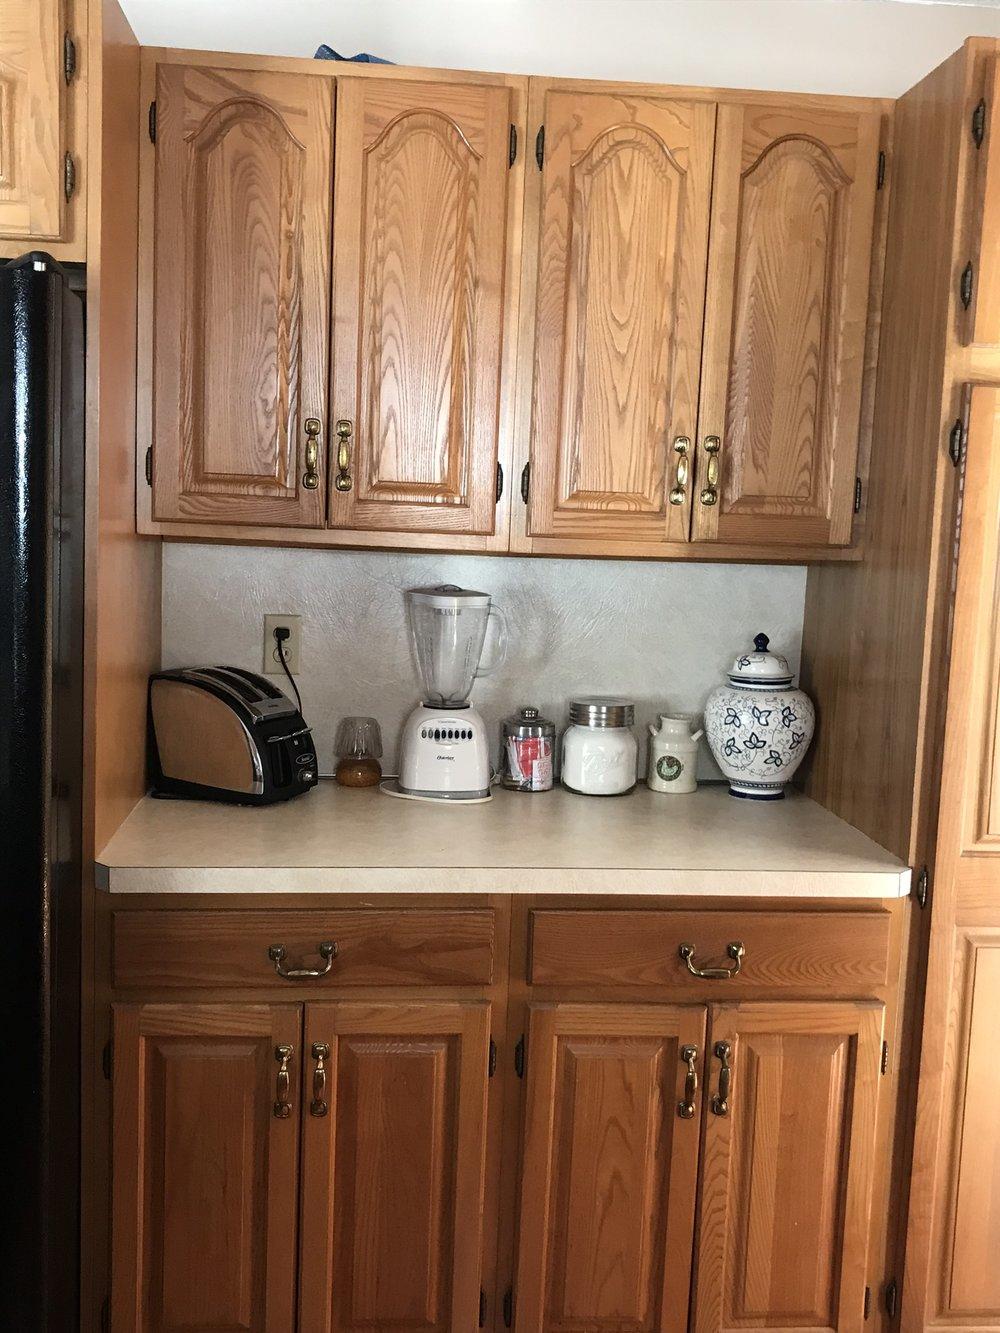 kitchen applianes.jpg